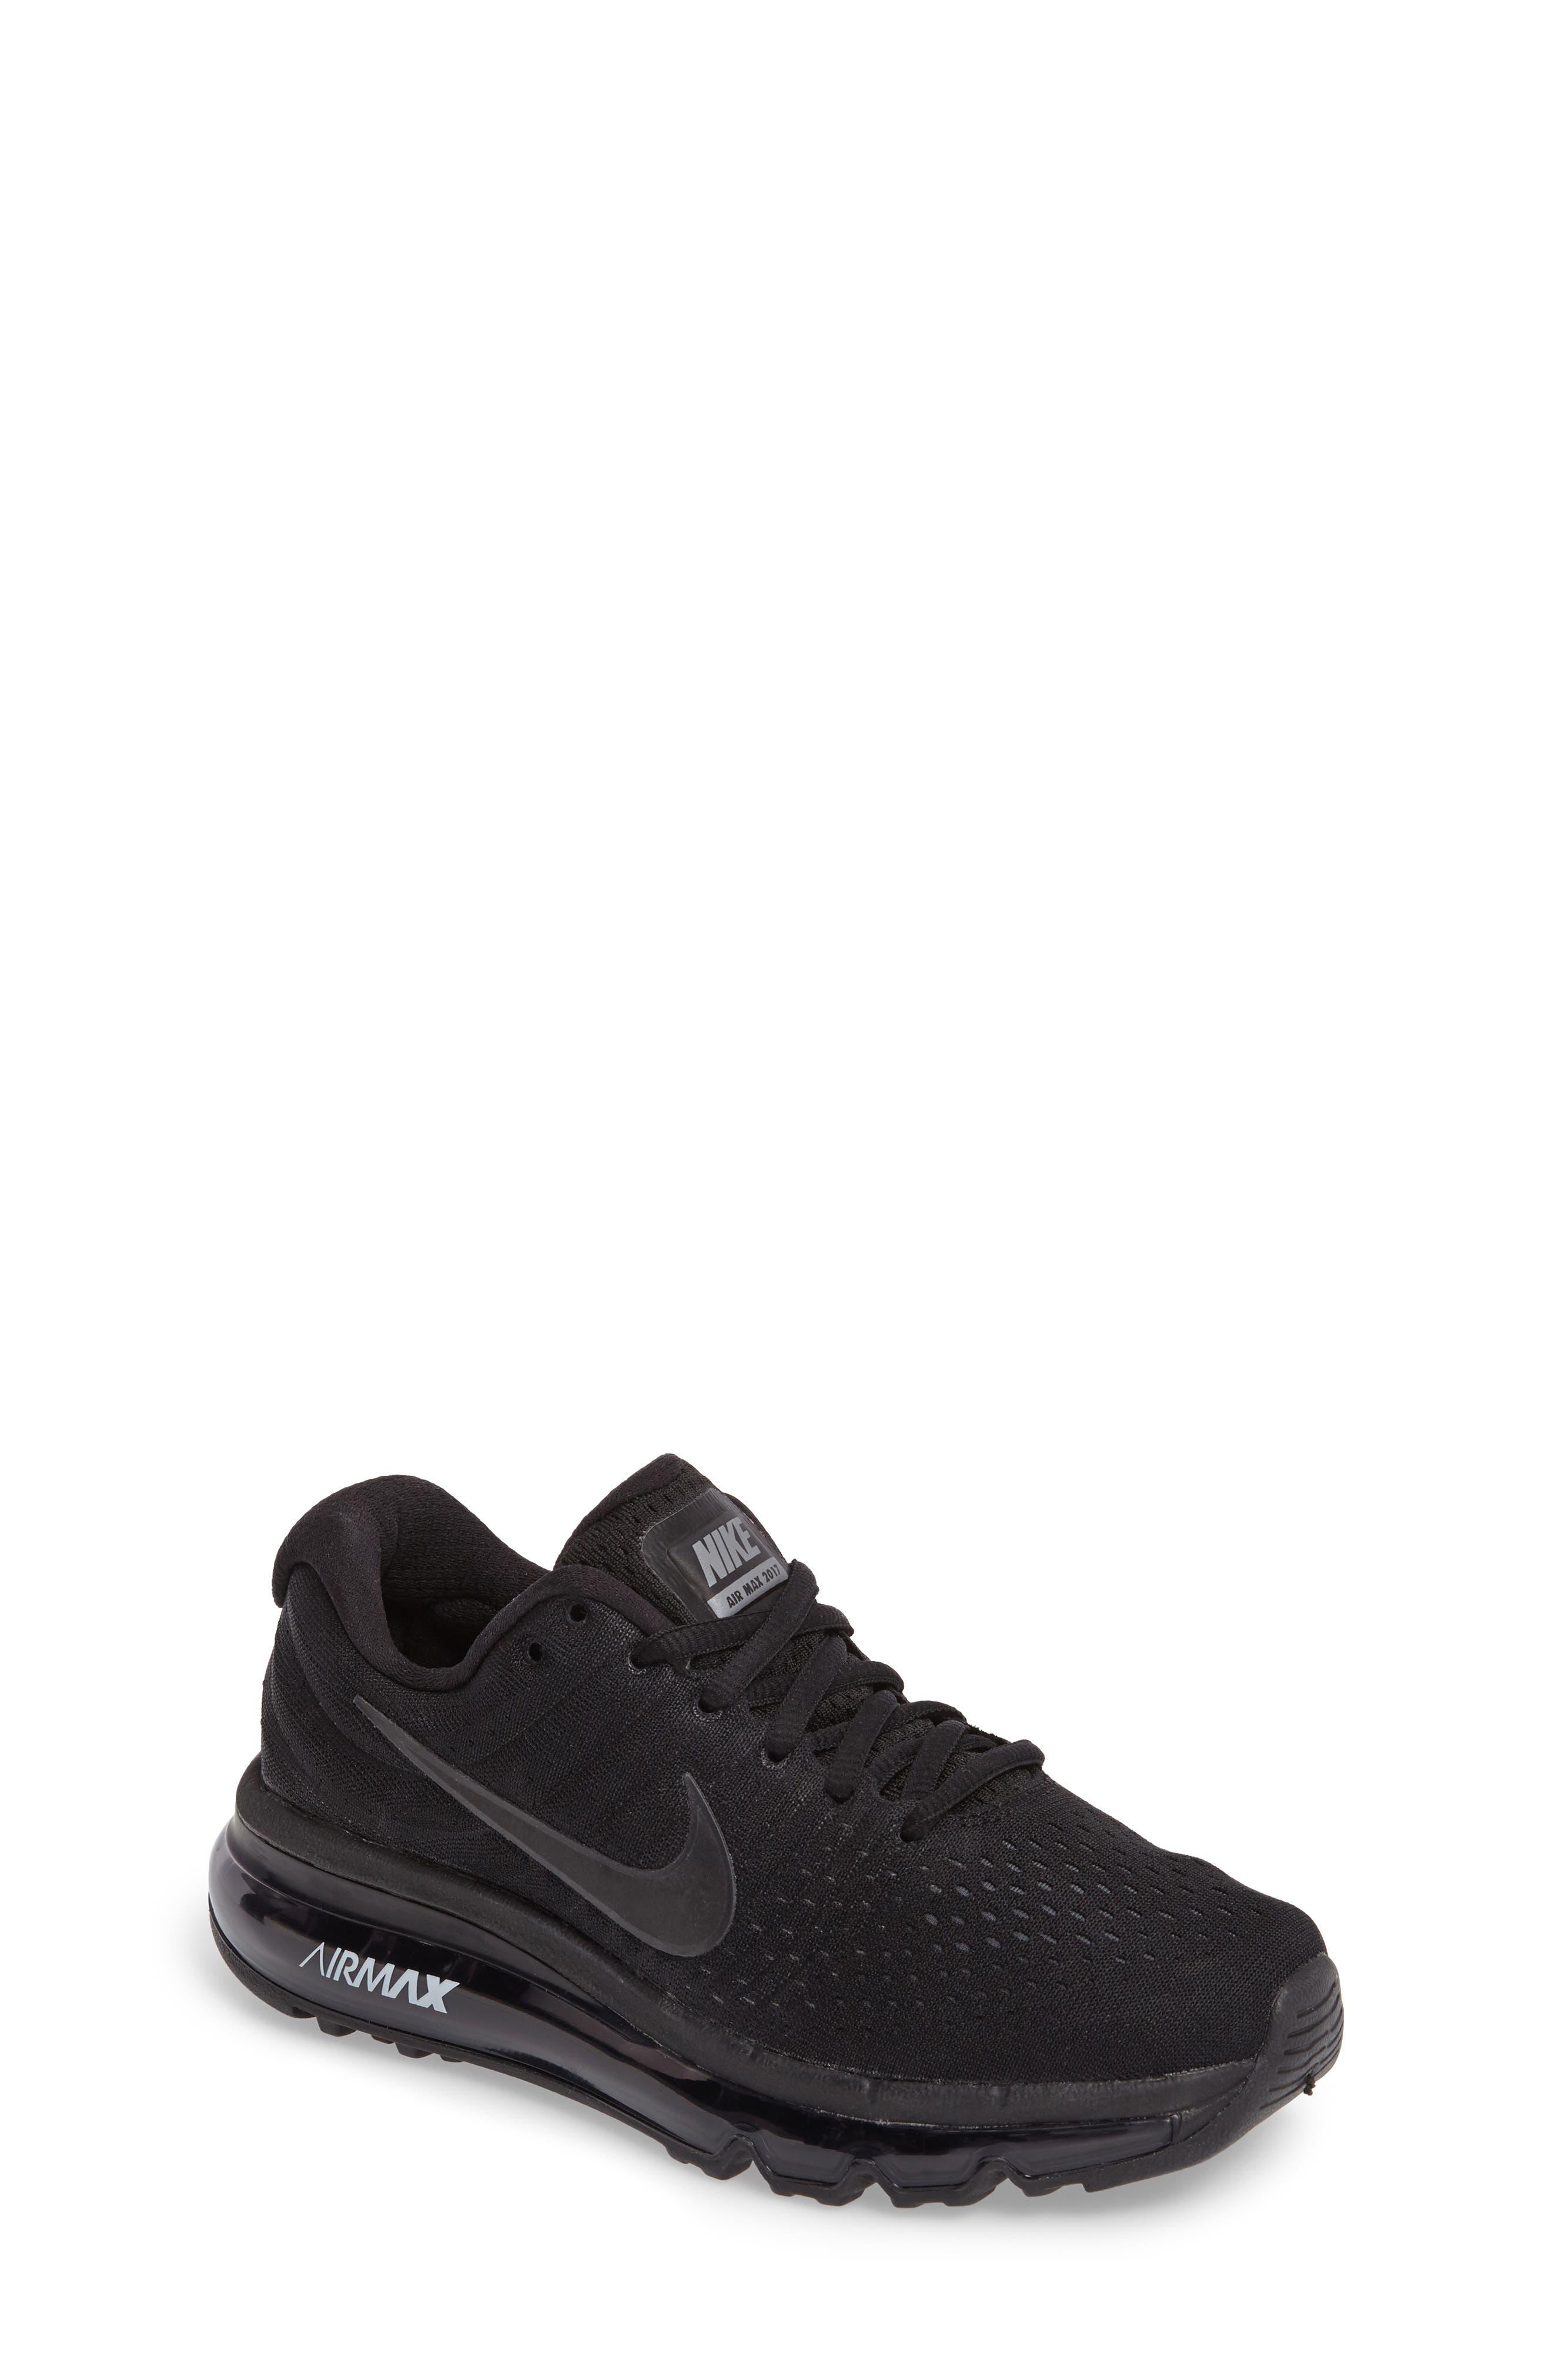 Nike Air Max 2017 Sneaker (Big Kid)